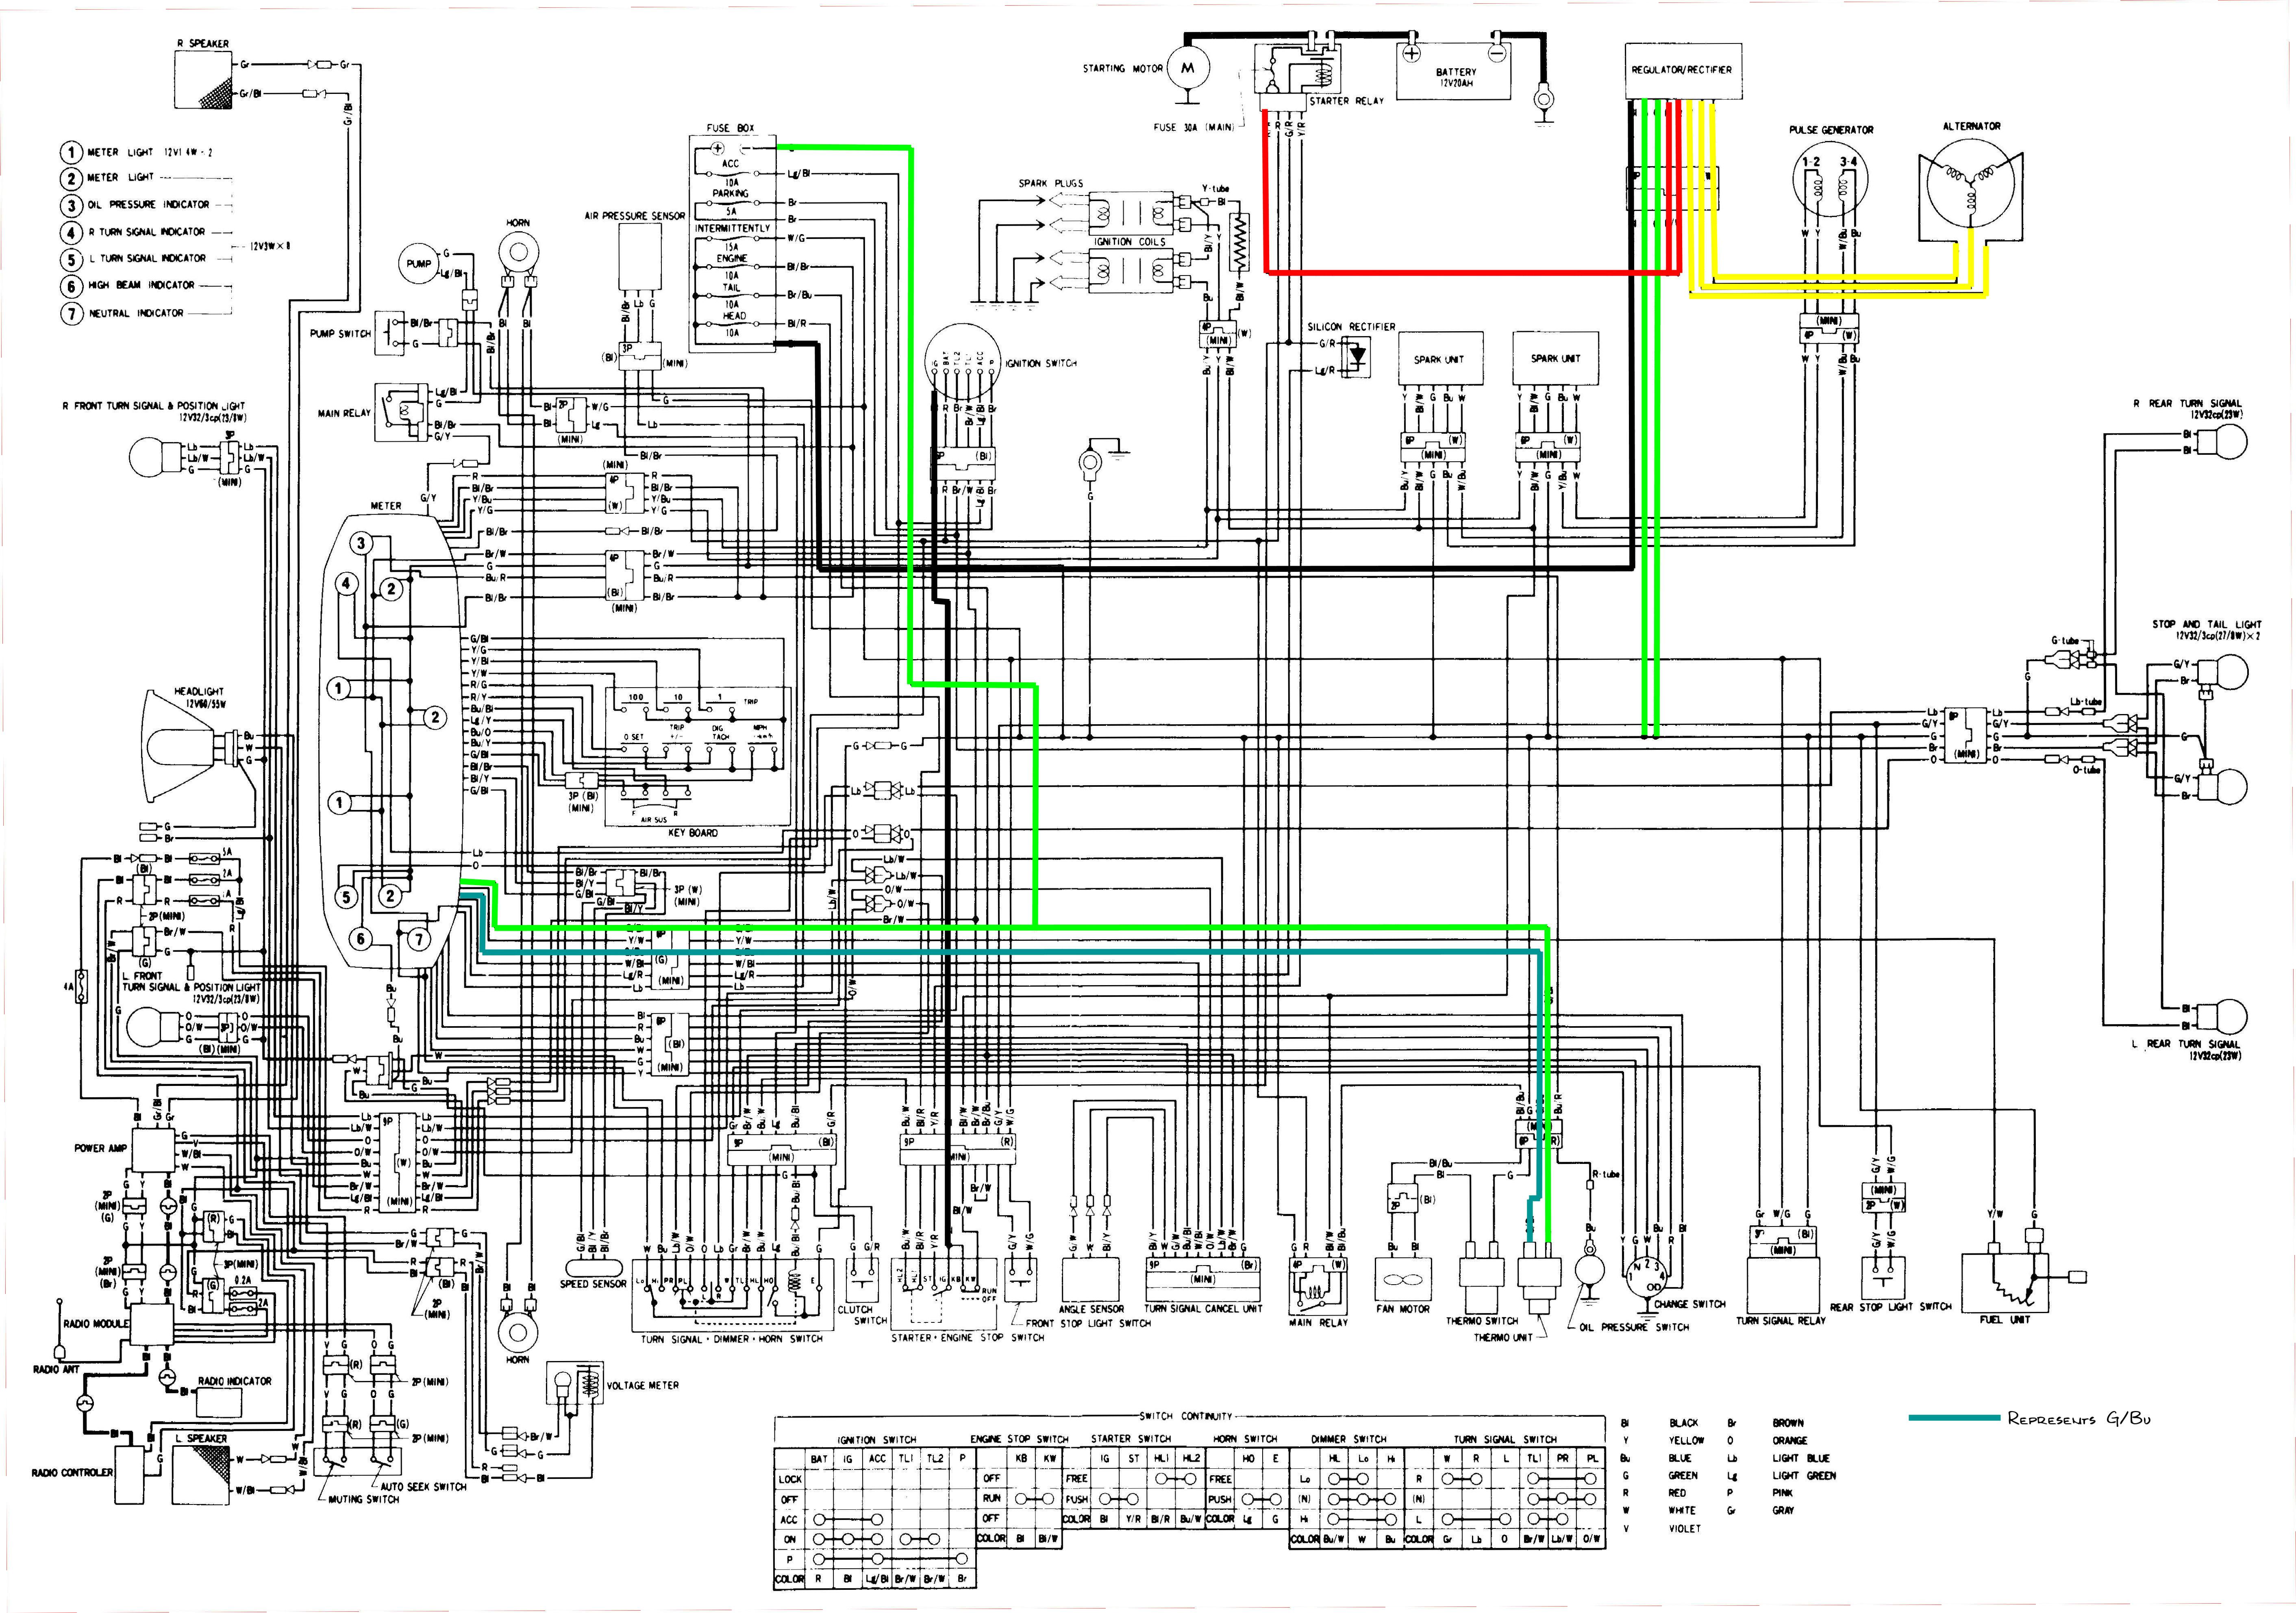 Gl1100 Radio Schematic Reinvent Your Wiring Diagram Na50 Trusted Diagrams Rh Hamze Co Ham Schematics